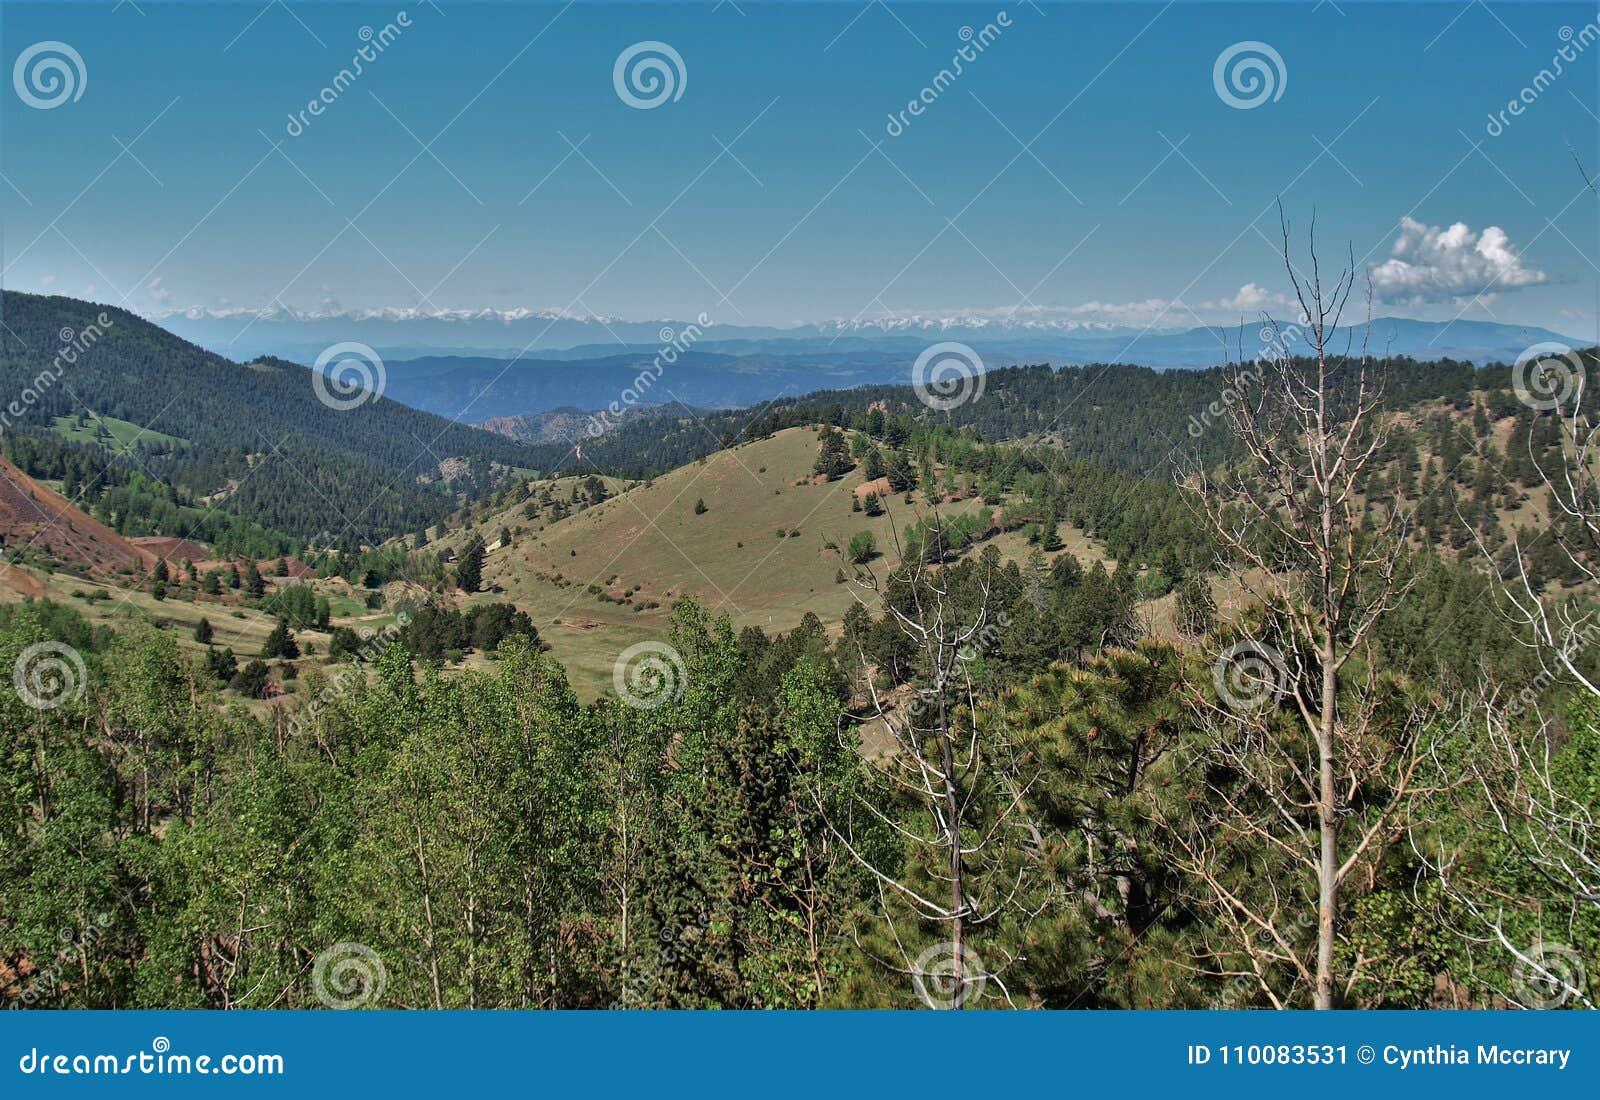 Montañas alrededor de la cala del lisiado, Colorado